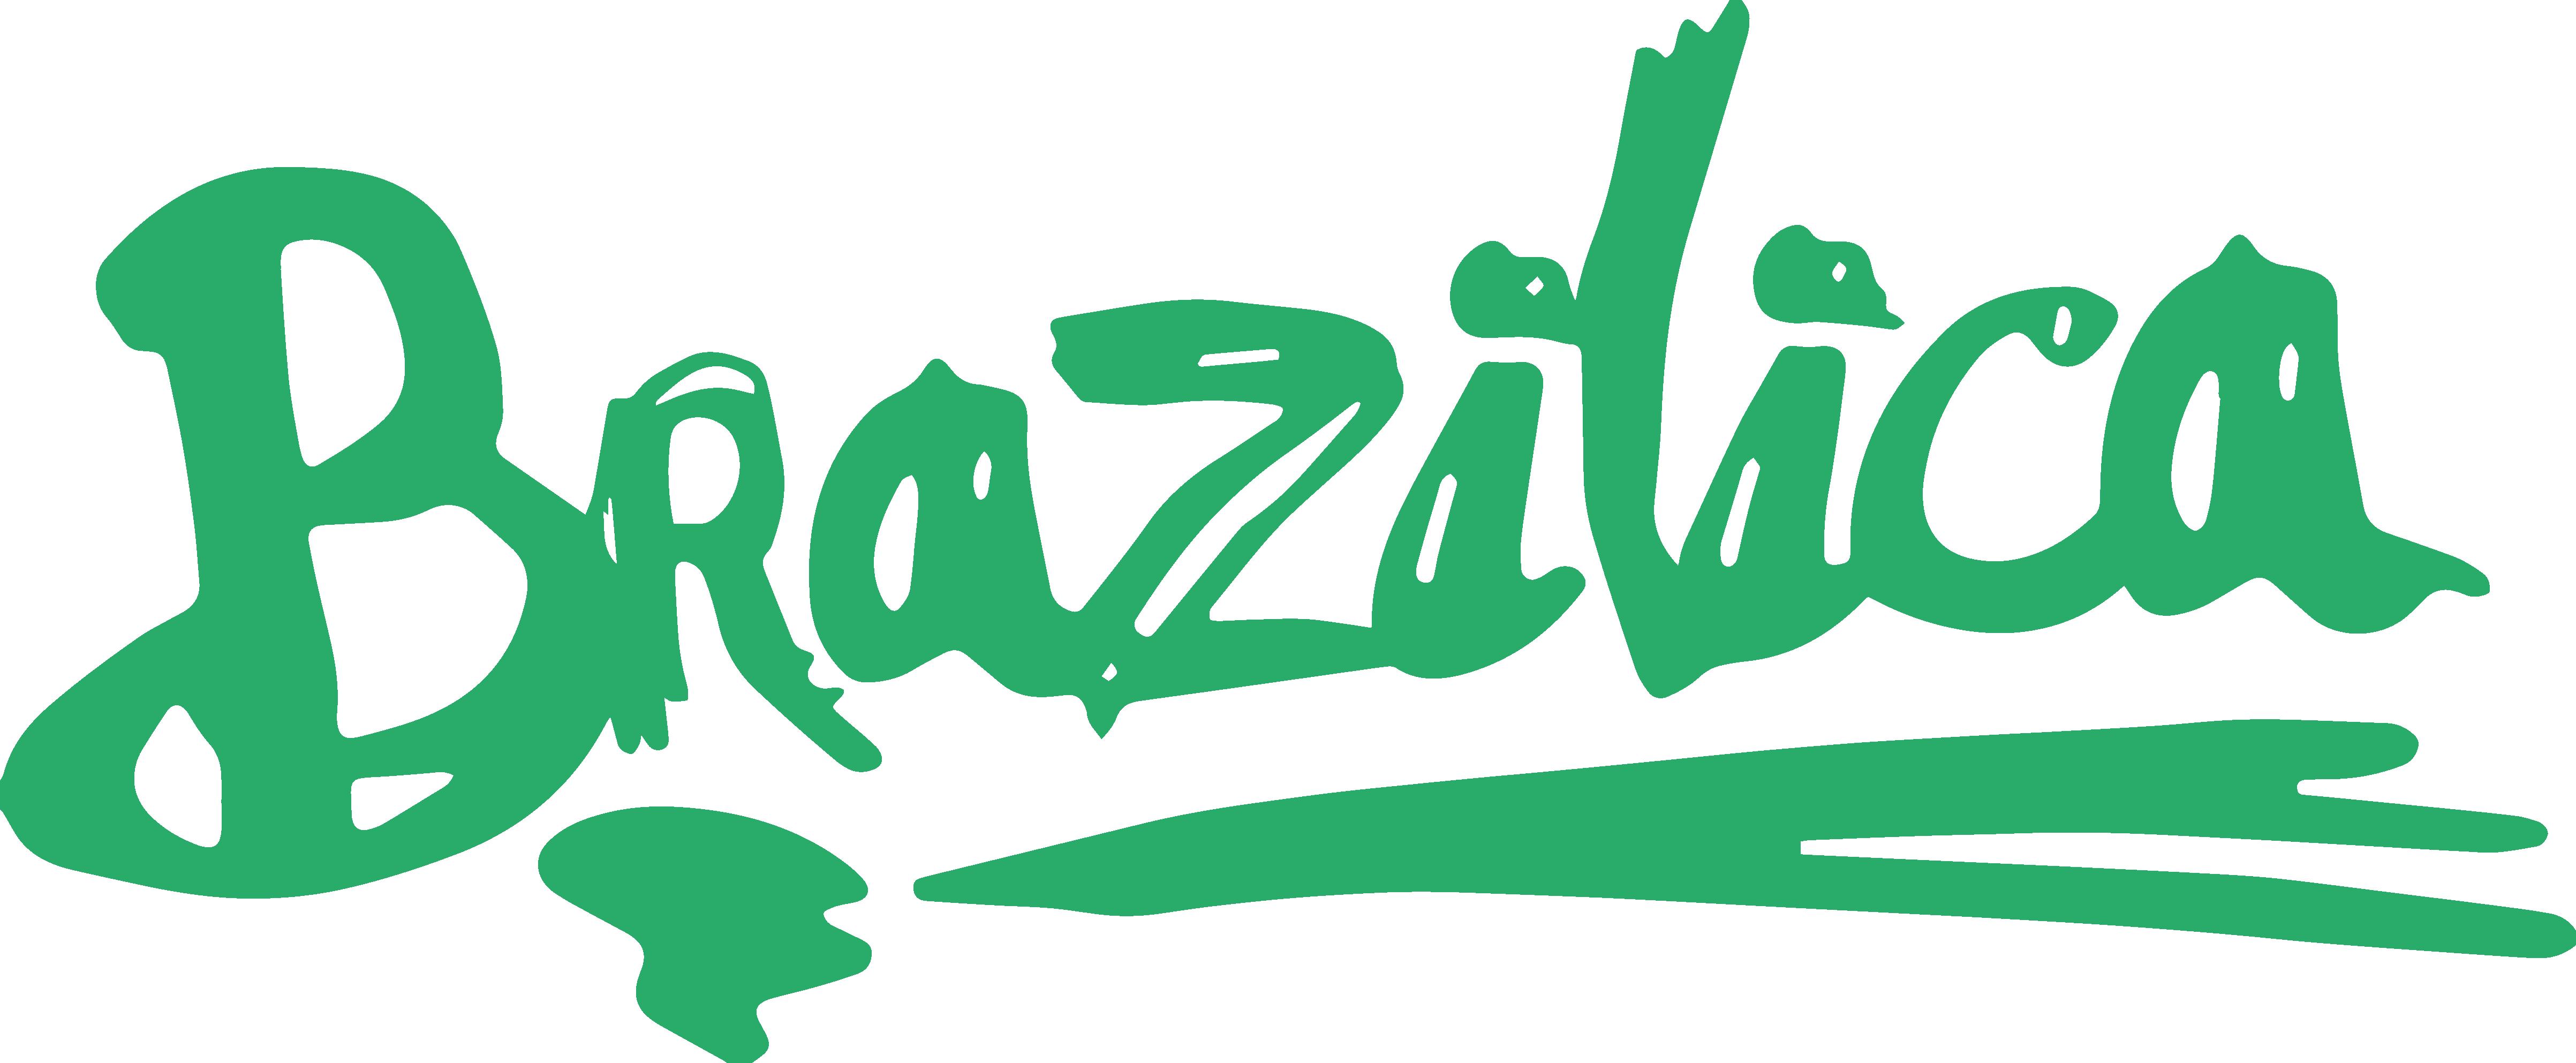 Brazilica 2019